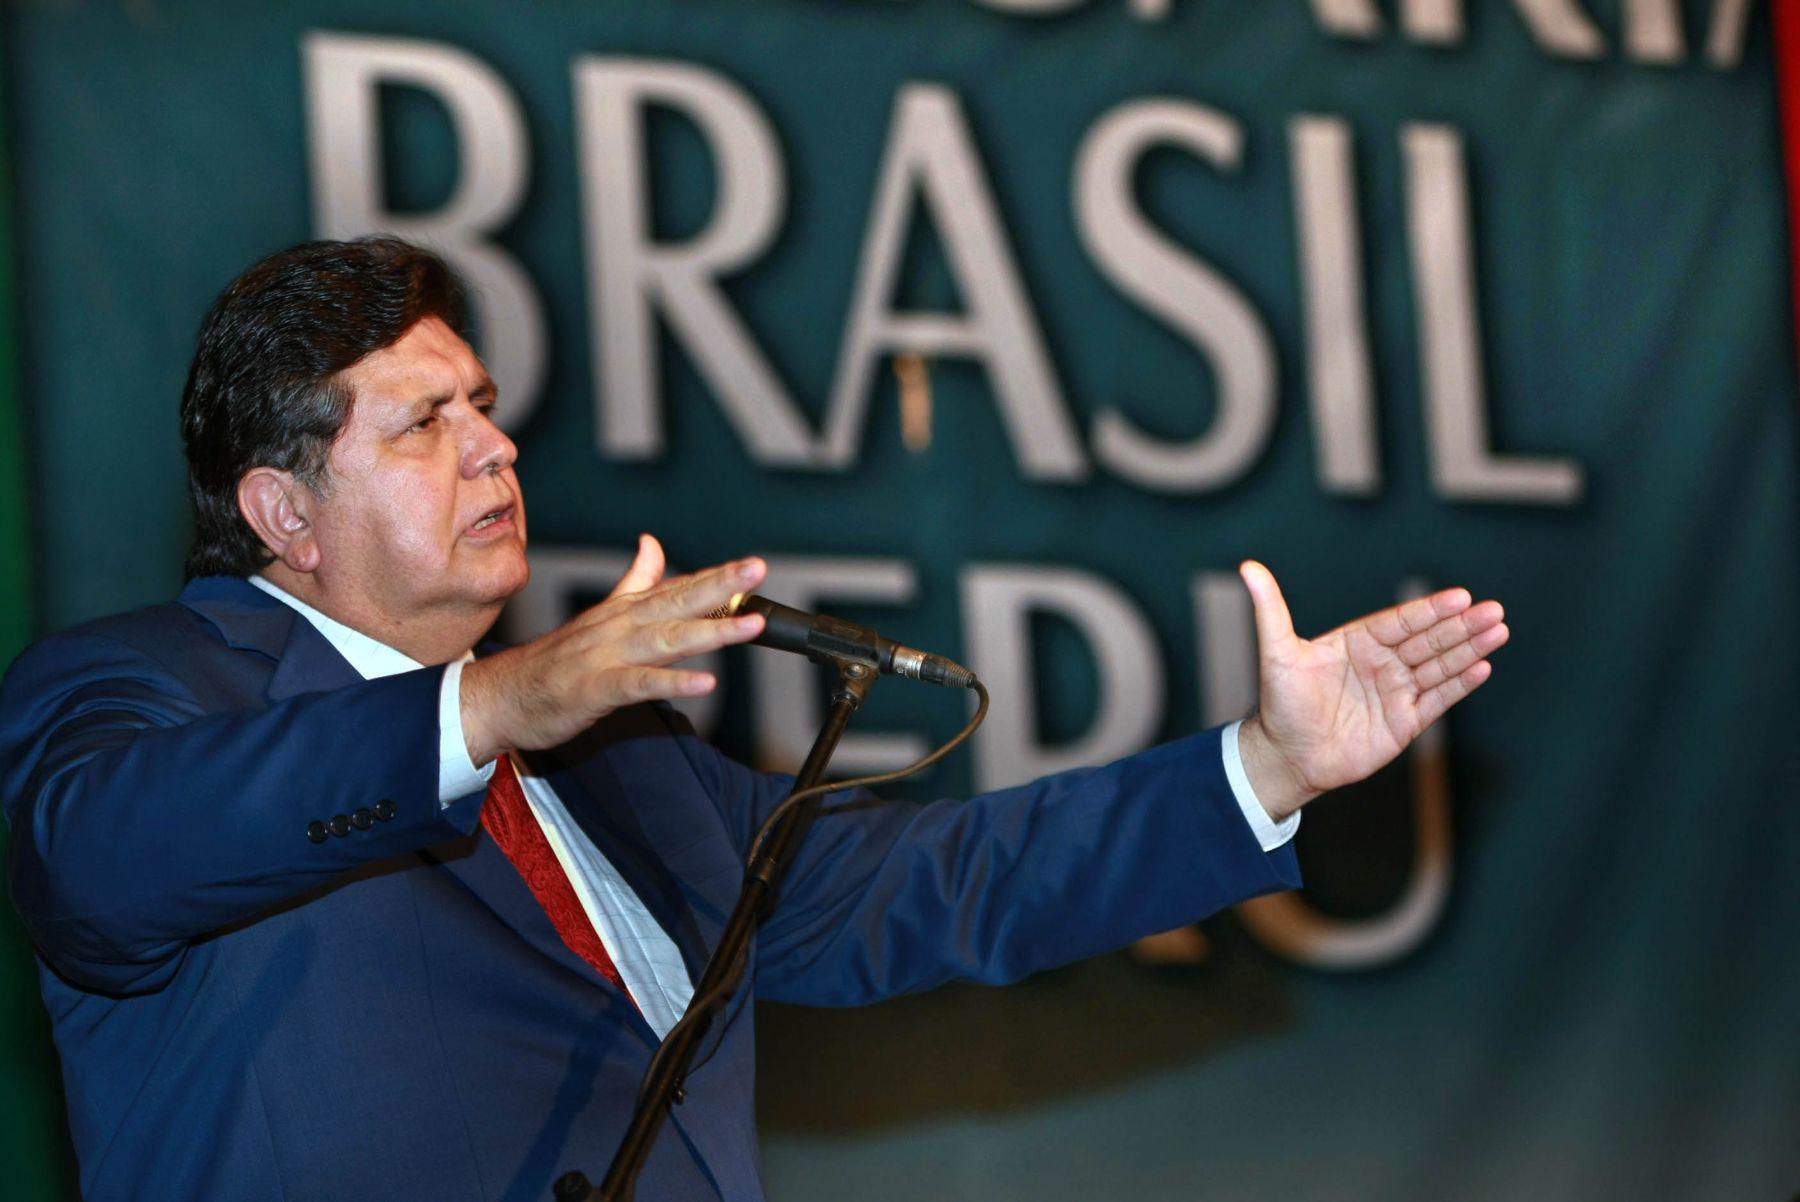 El presidente de la República, Alan García Pérez, participa en el Estado de Acre, Brasil, de la ceremonia de apertura del Foro Empresarial Perú Brasil. Foto: Sepres.